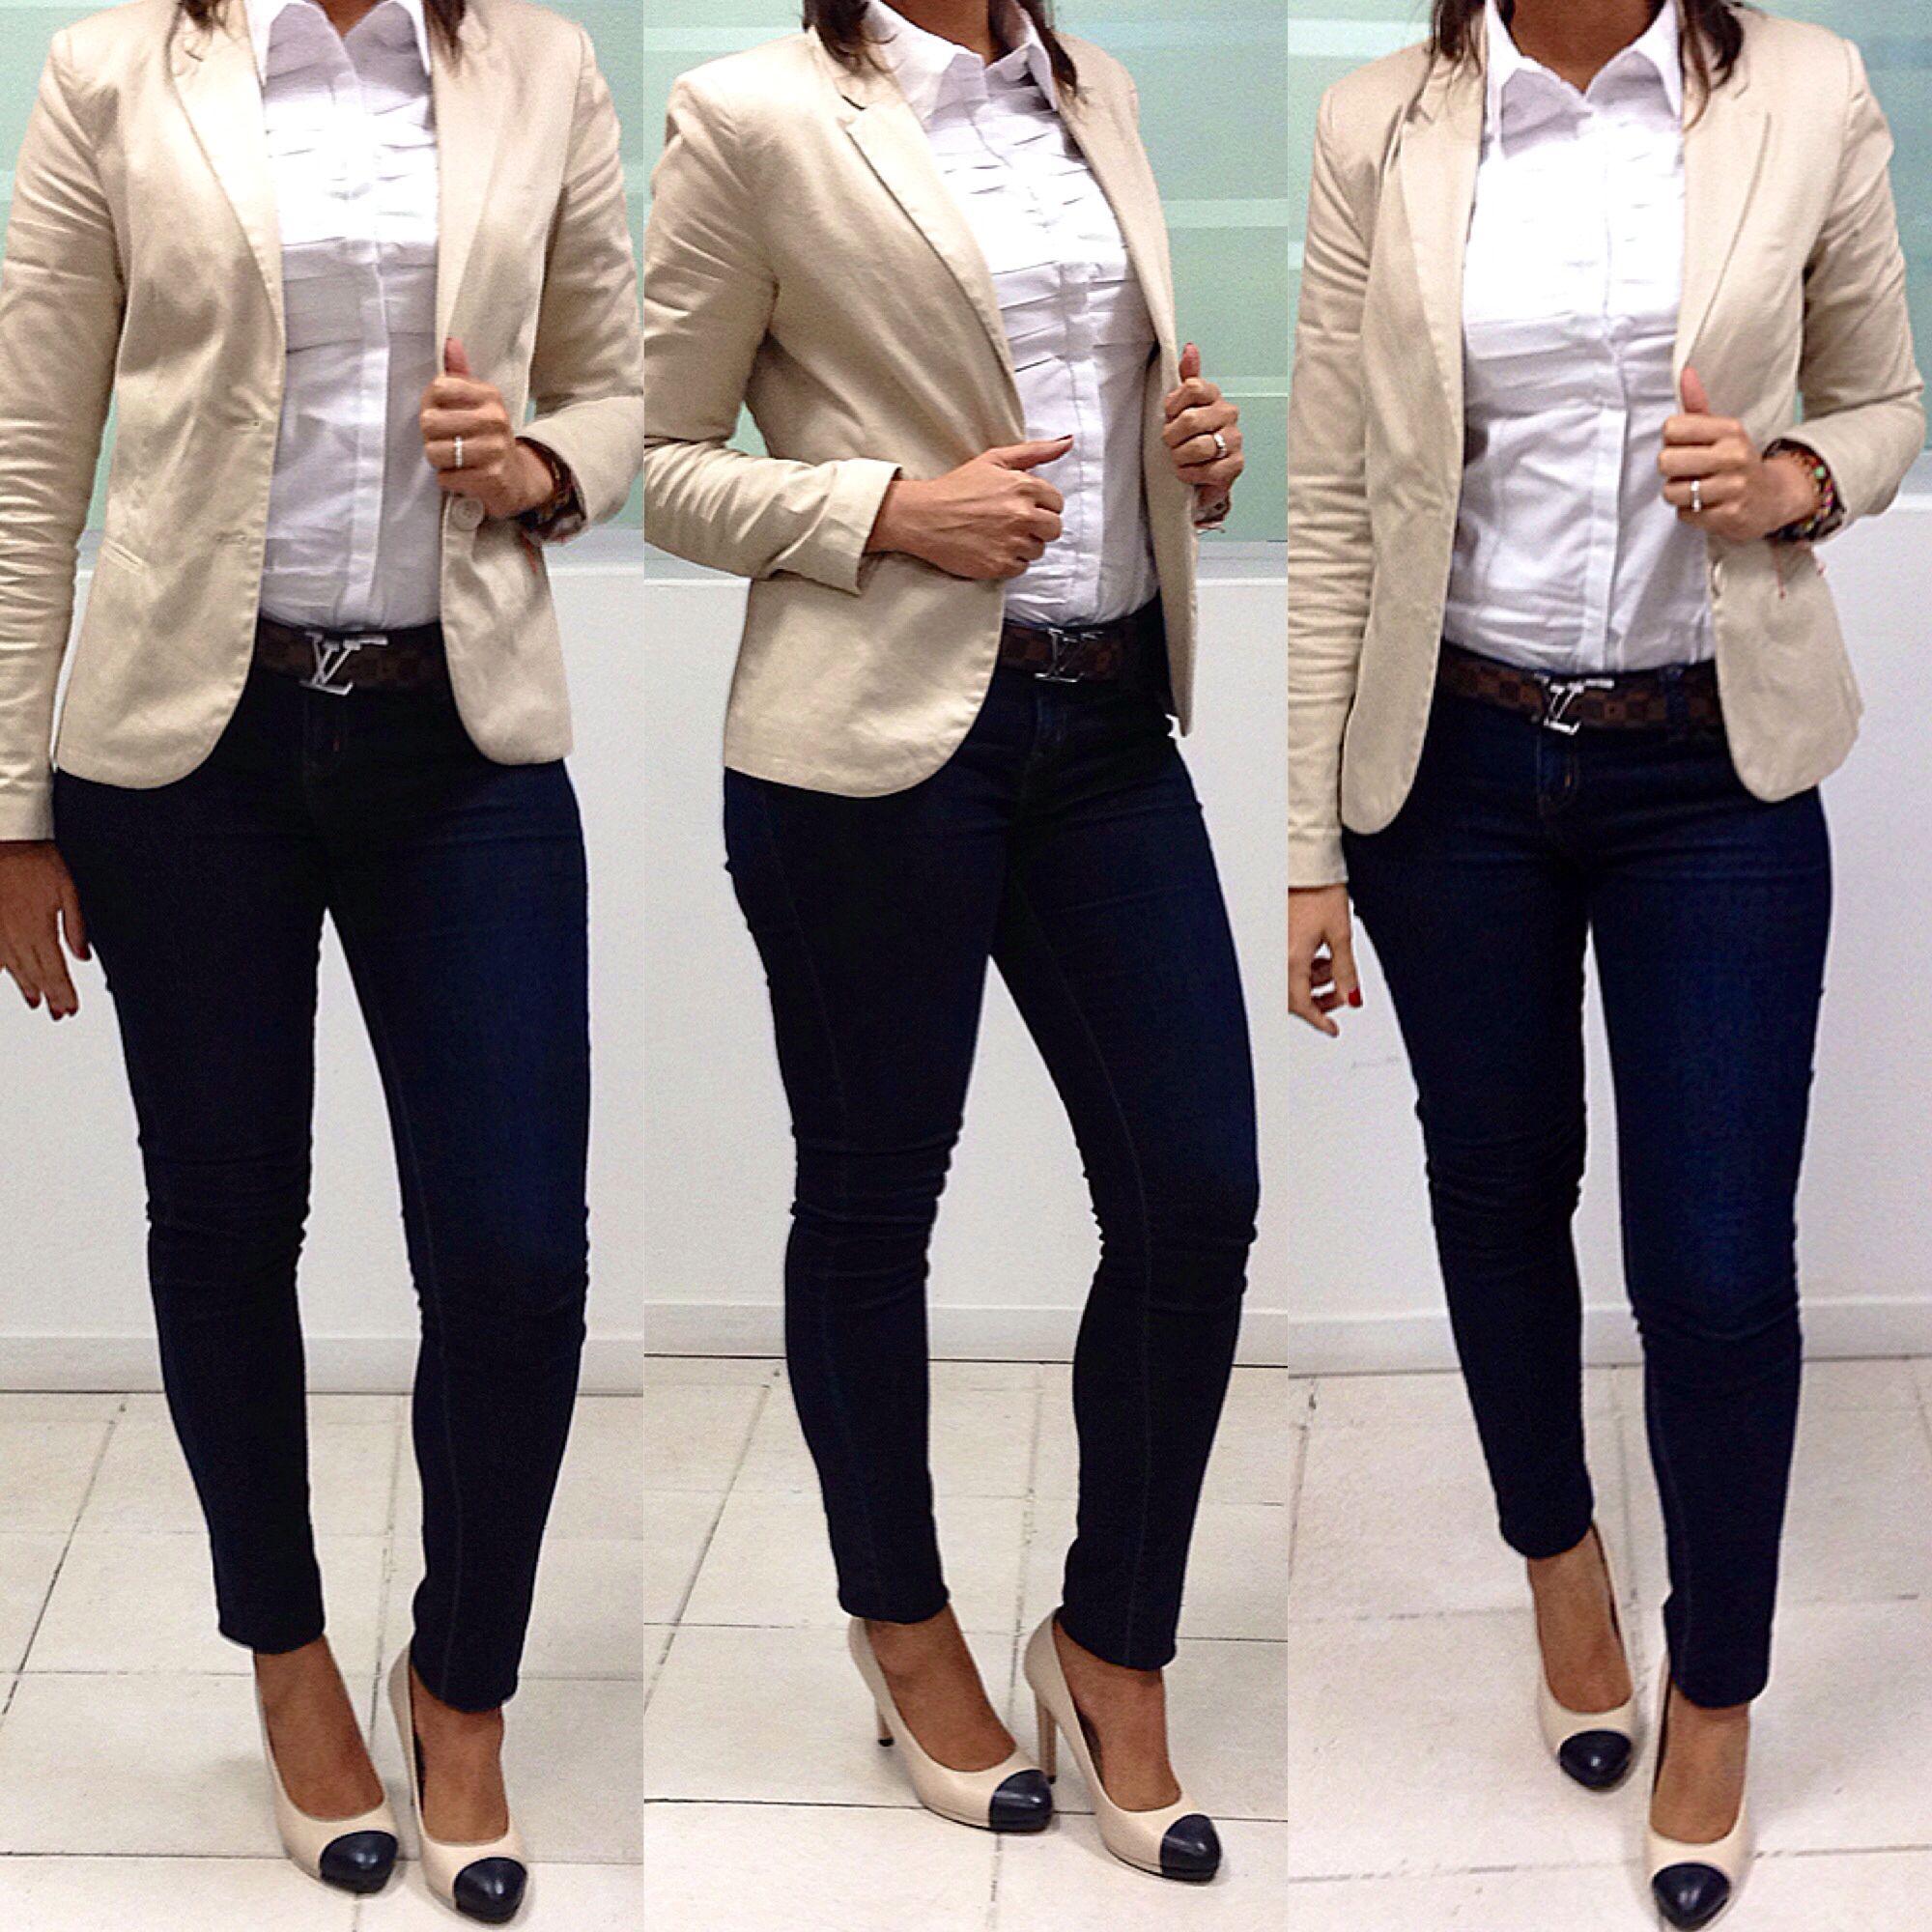 Work outfit for a casual Friday- Friday Look for work | Vestimenta para un viernes casual en el ...